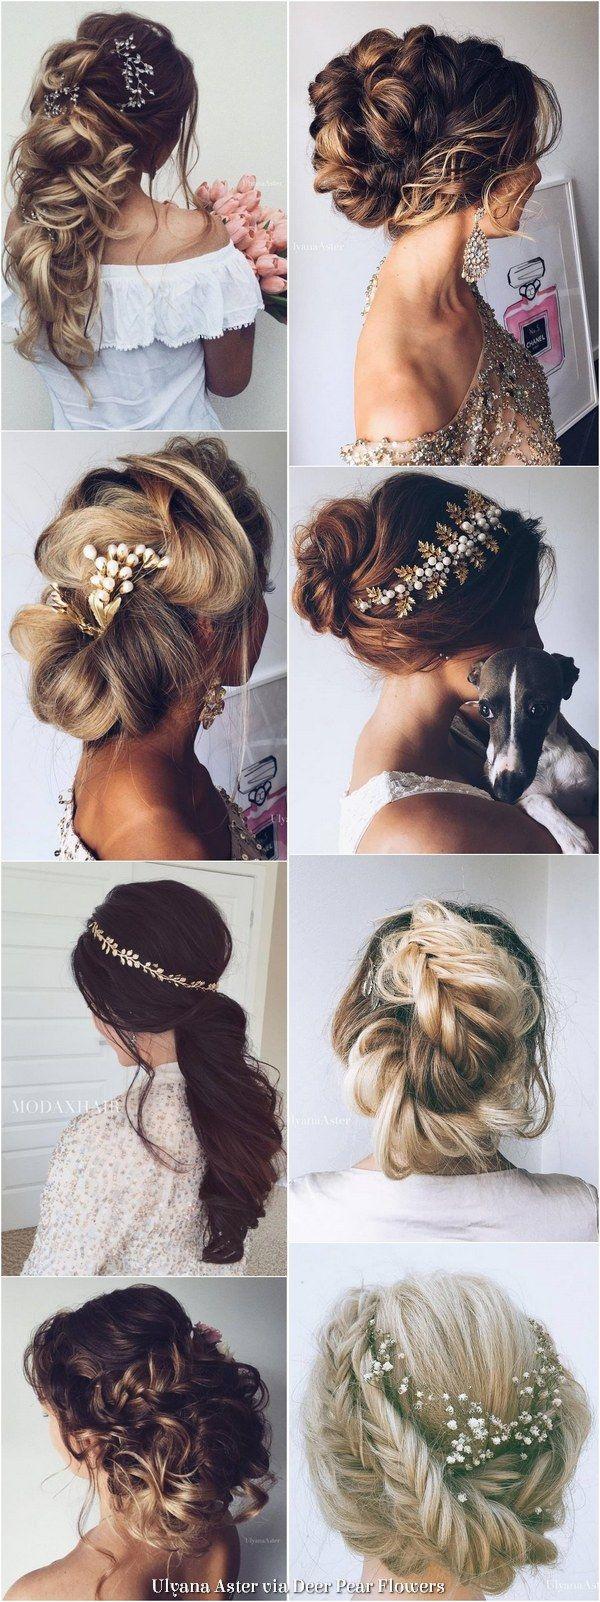 Ulyana Aster Long Wedding Hairstyles Inspiration - www.ulyanaaster.com   Deer Pearl Flowers